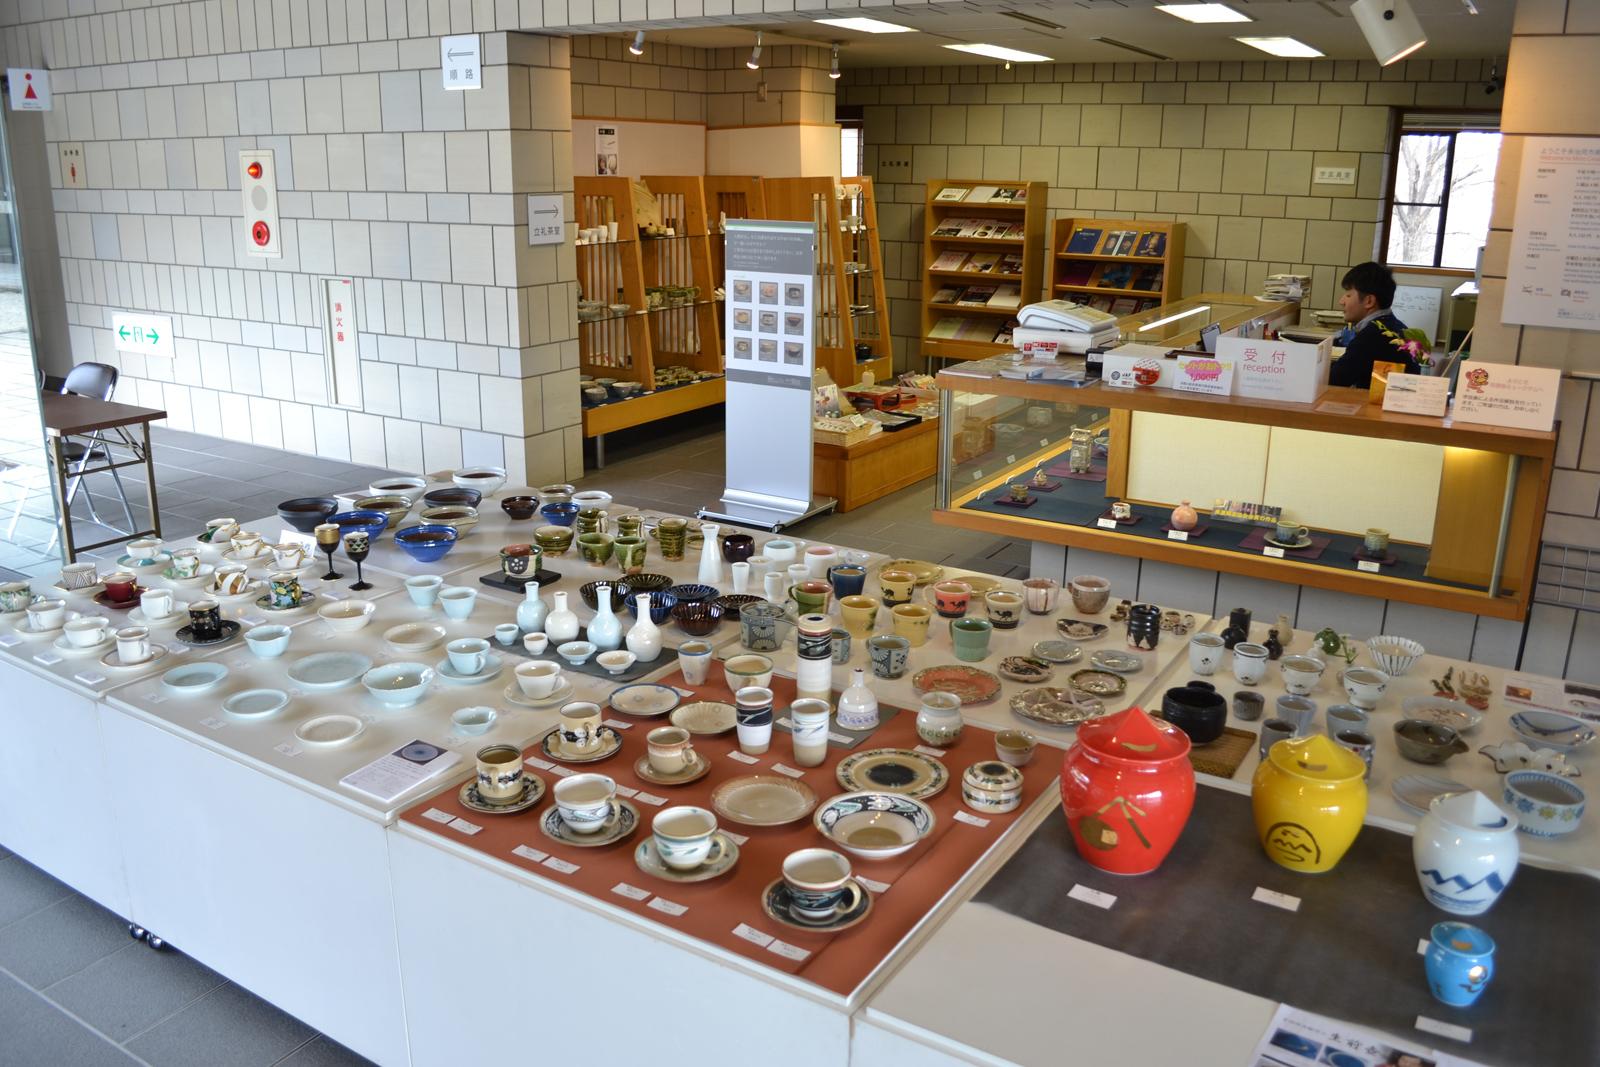 岐阜県 多治見市美濃焼ミュージアム Mino Ceramic Art Museum,Tajimi -美濃焼きの魅力に出合い味わう-